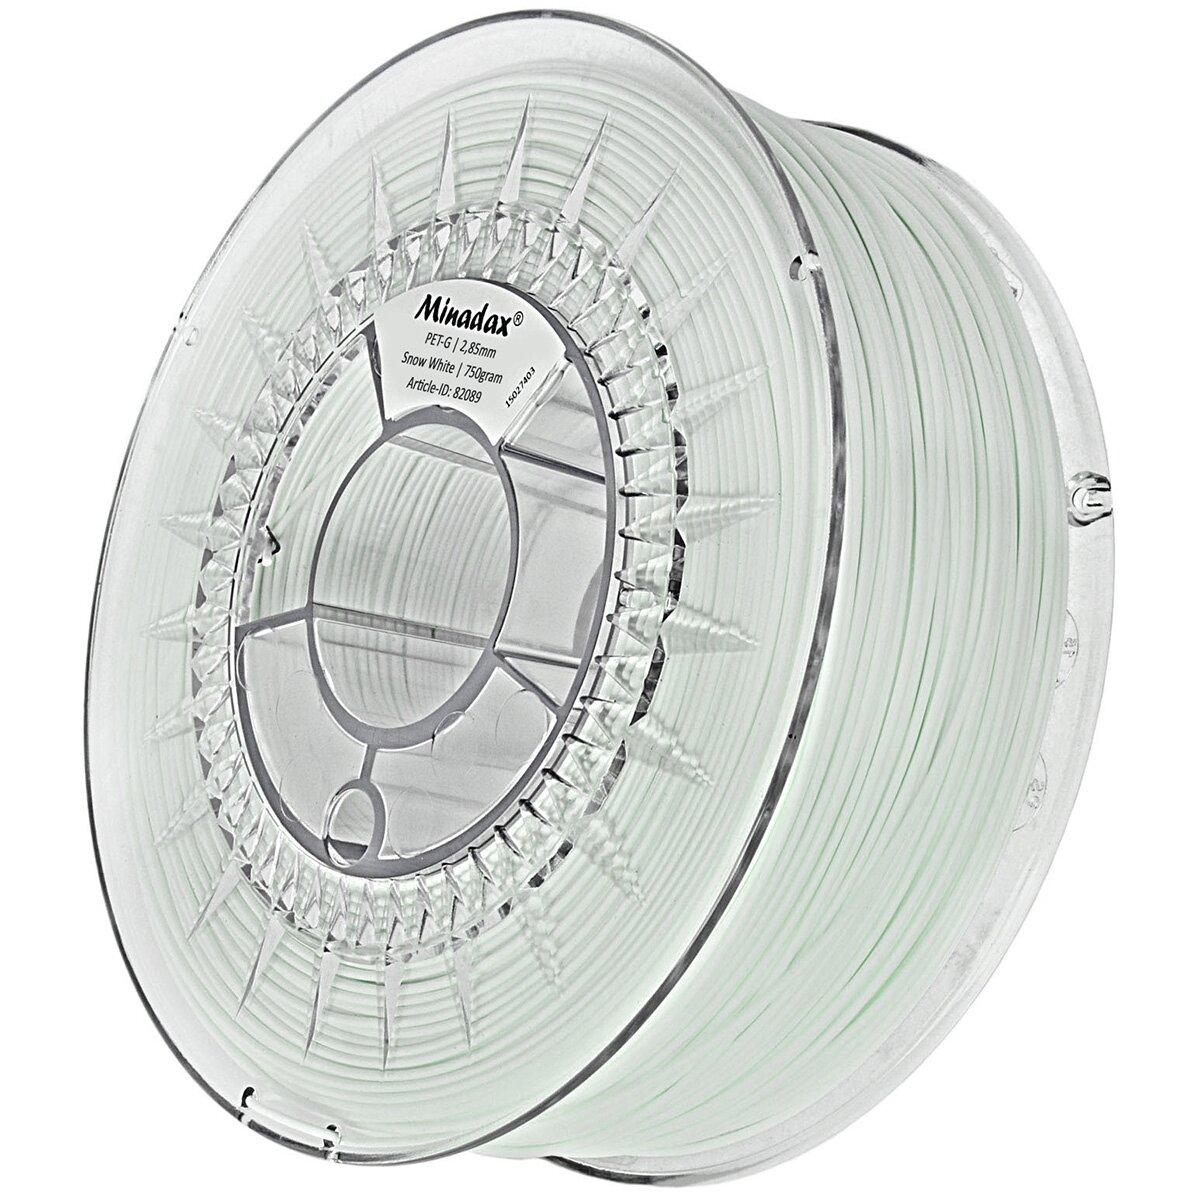 [X]Minadax® 0,75kg Premium Qualität 3mm (2,85mm) PET-G Filament schneeweiß für 3D-Drucker hergestellt in Europa